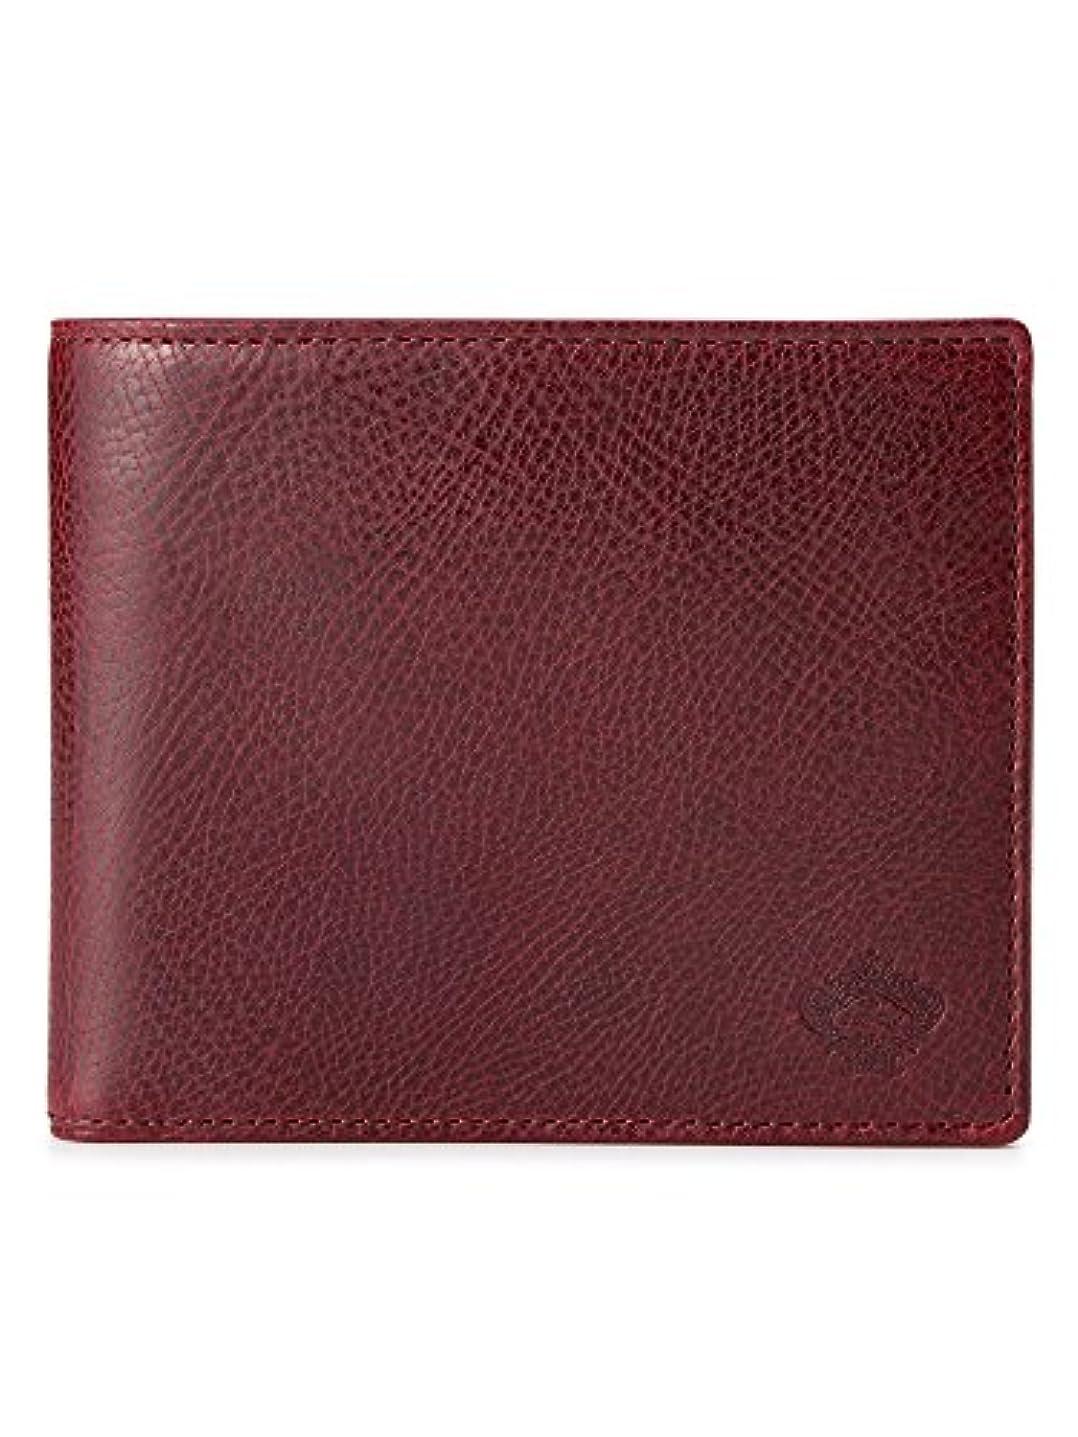 ロータリーオーバーヘッド感情の[オロビアンコ] 二つ折り財布 ソリッド メンズ 本革 ORS-031508